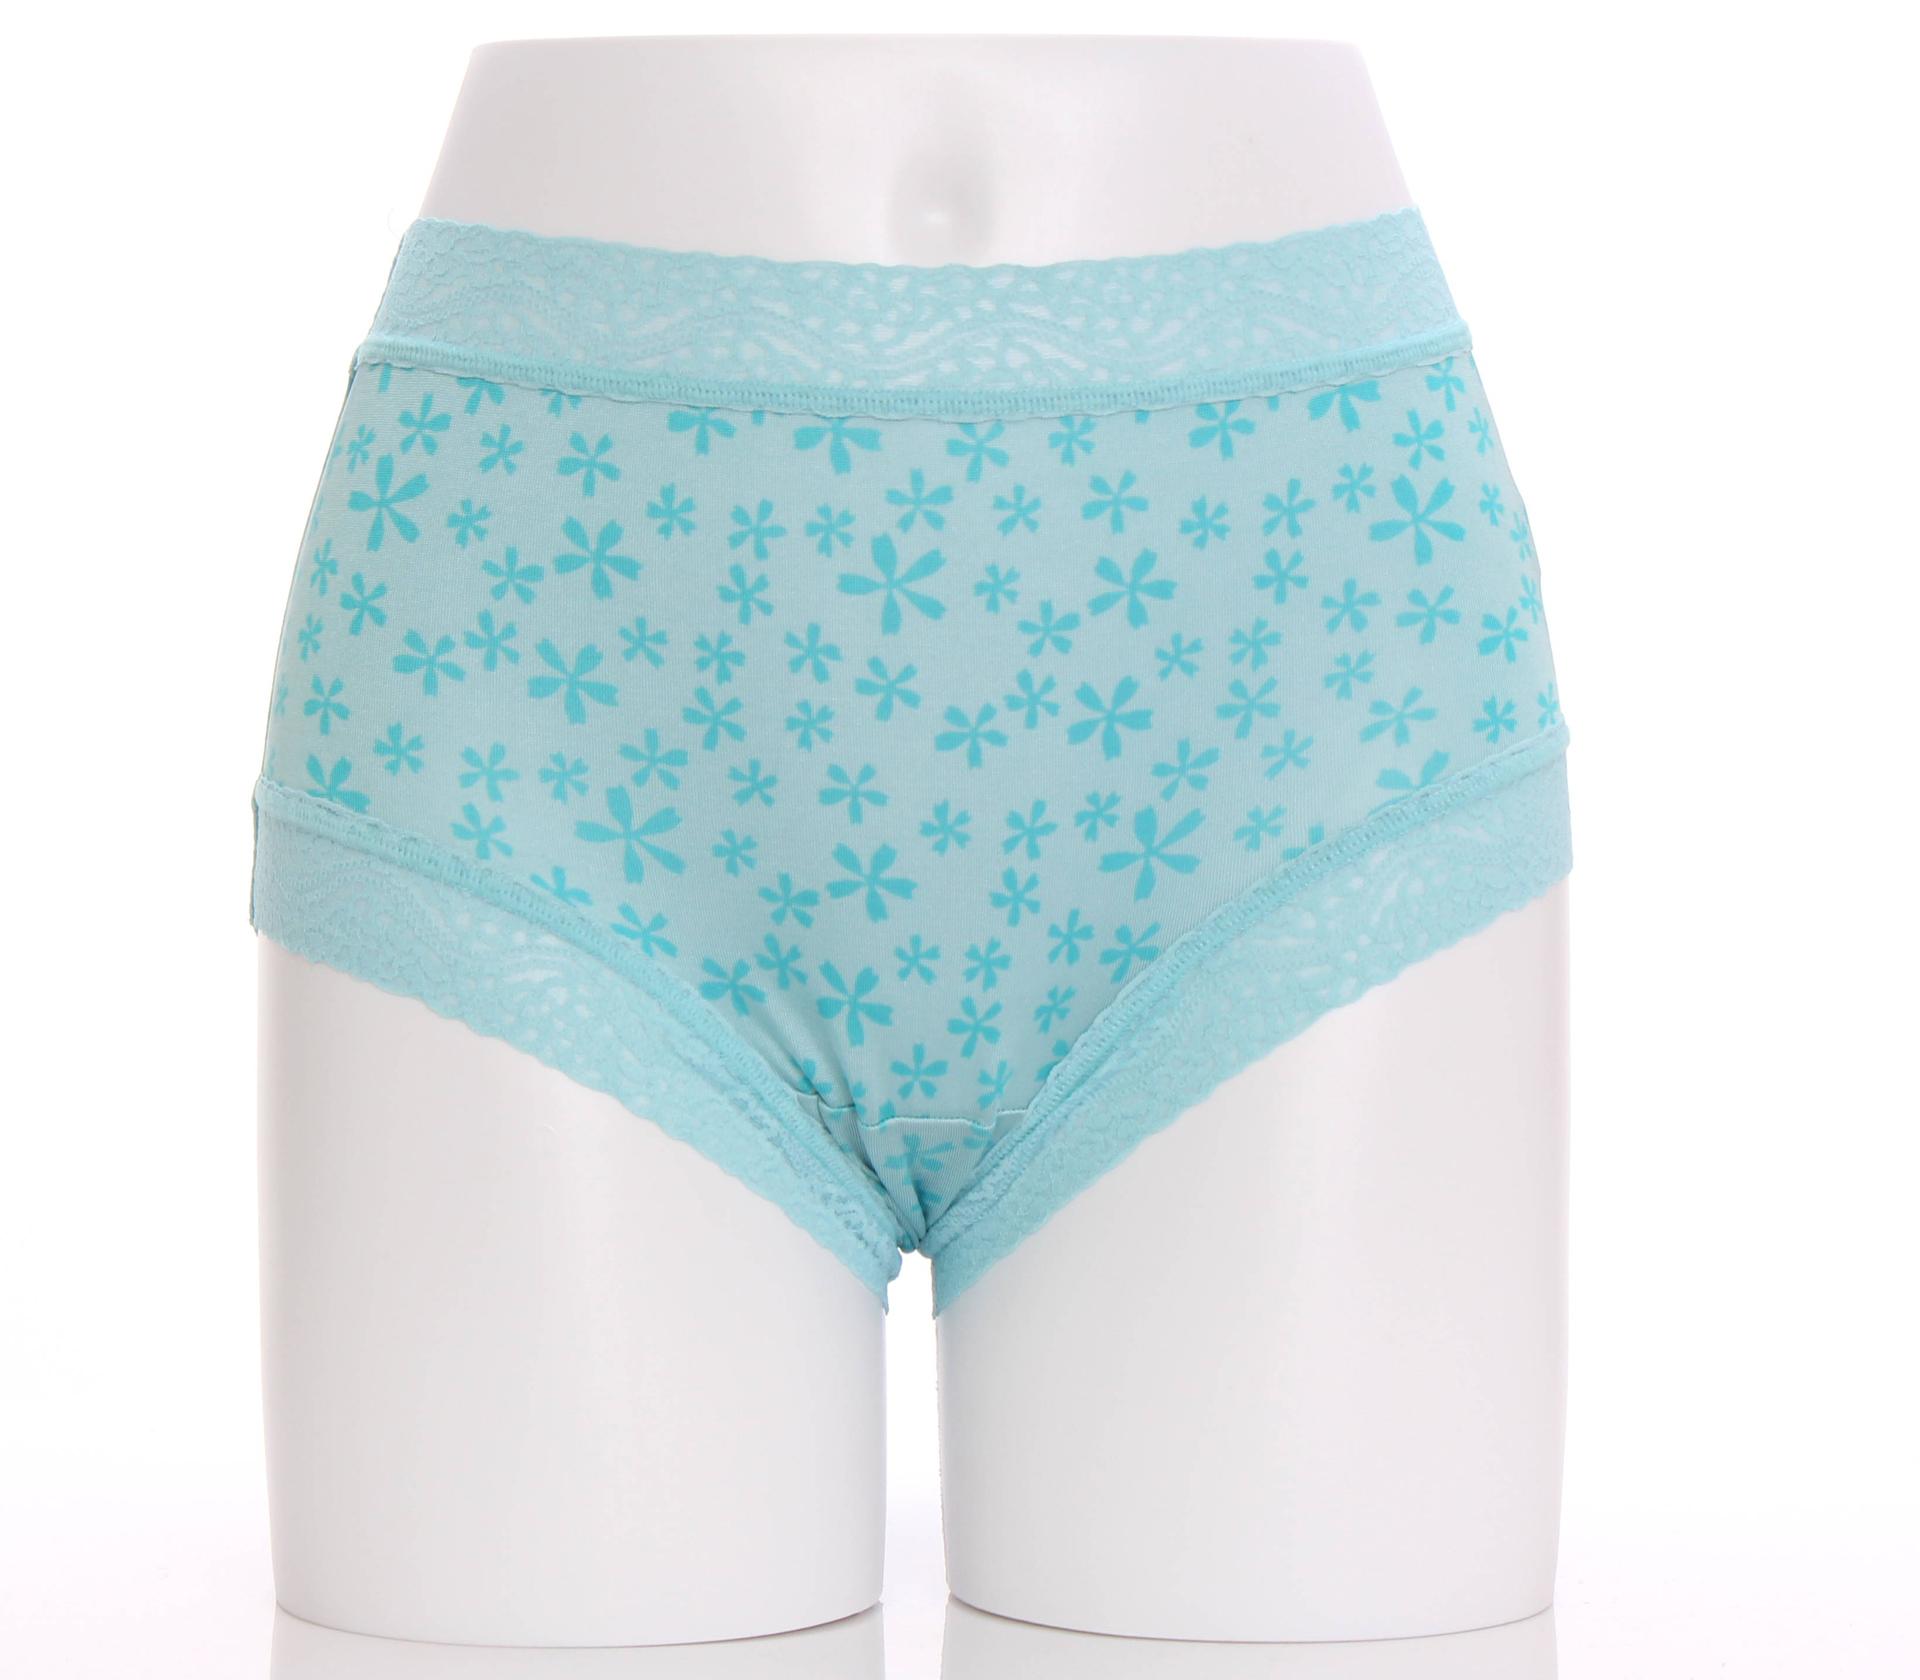 闕蘭絹圓舞曲滿滿五瓣花100%蠶絲內褲-865(藍)